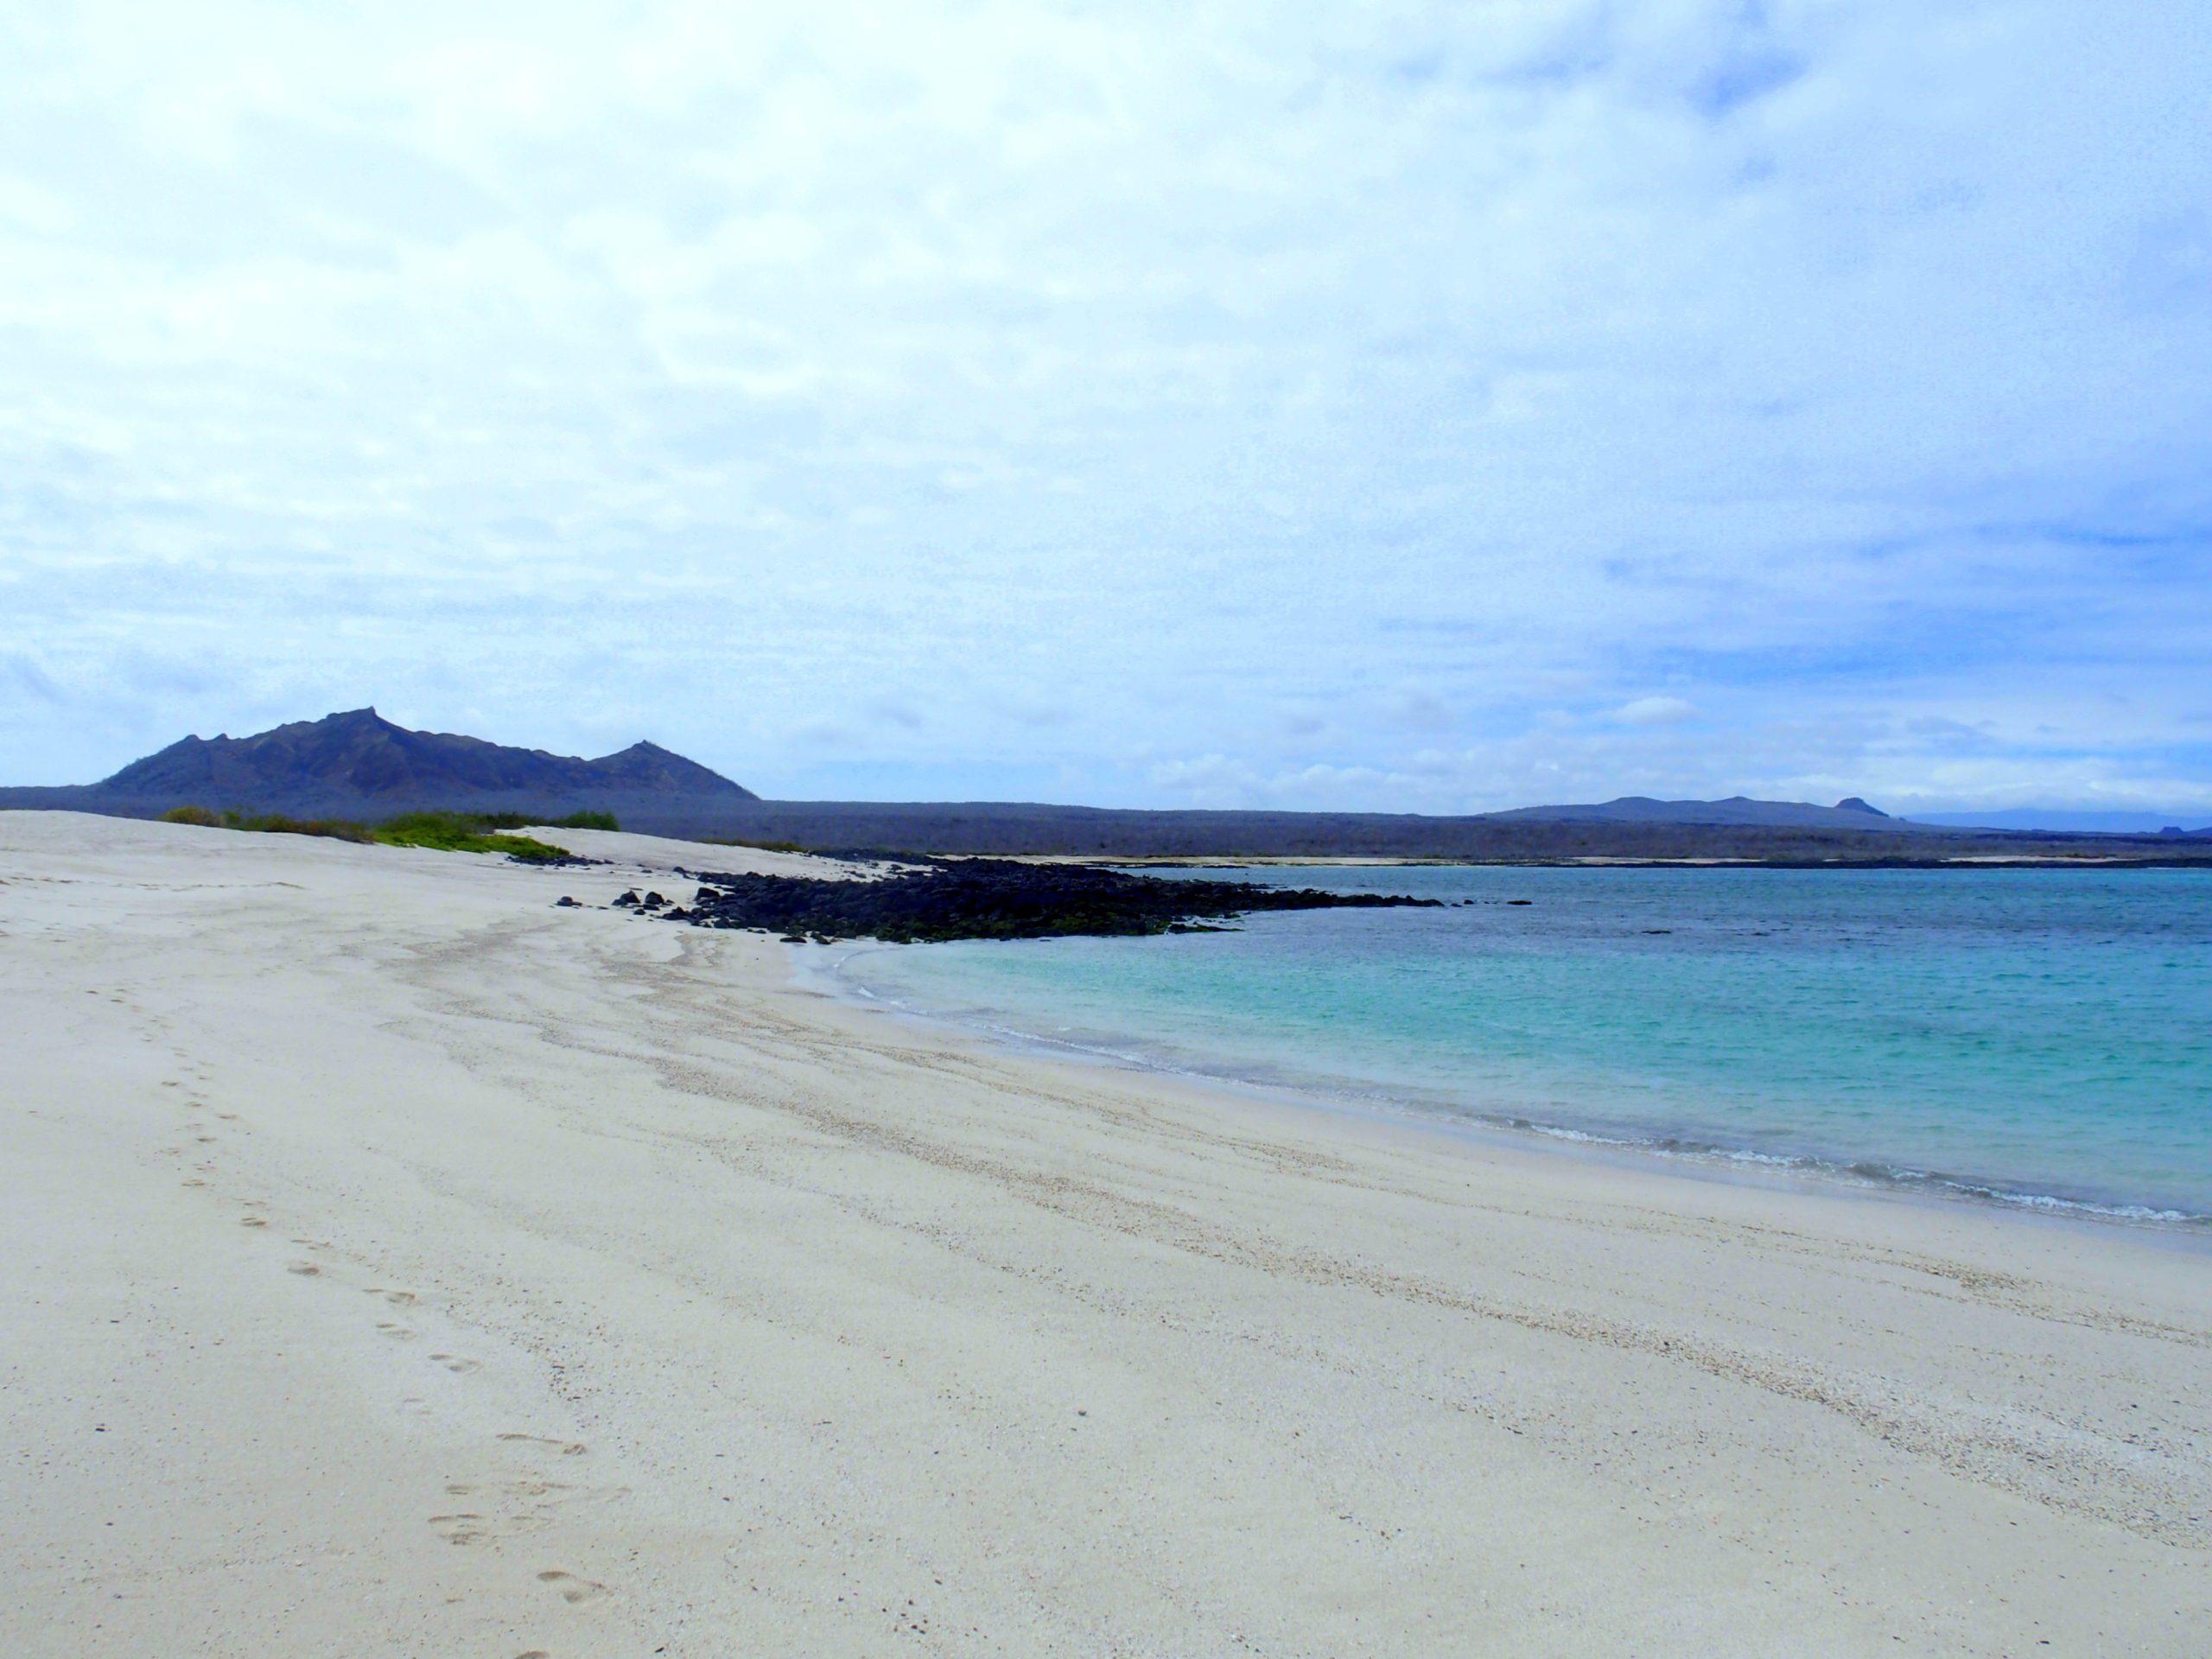 Playa Mann San Cristobal Galapagos